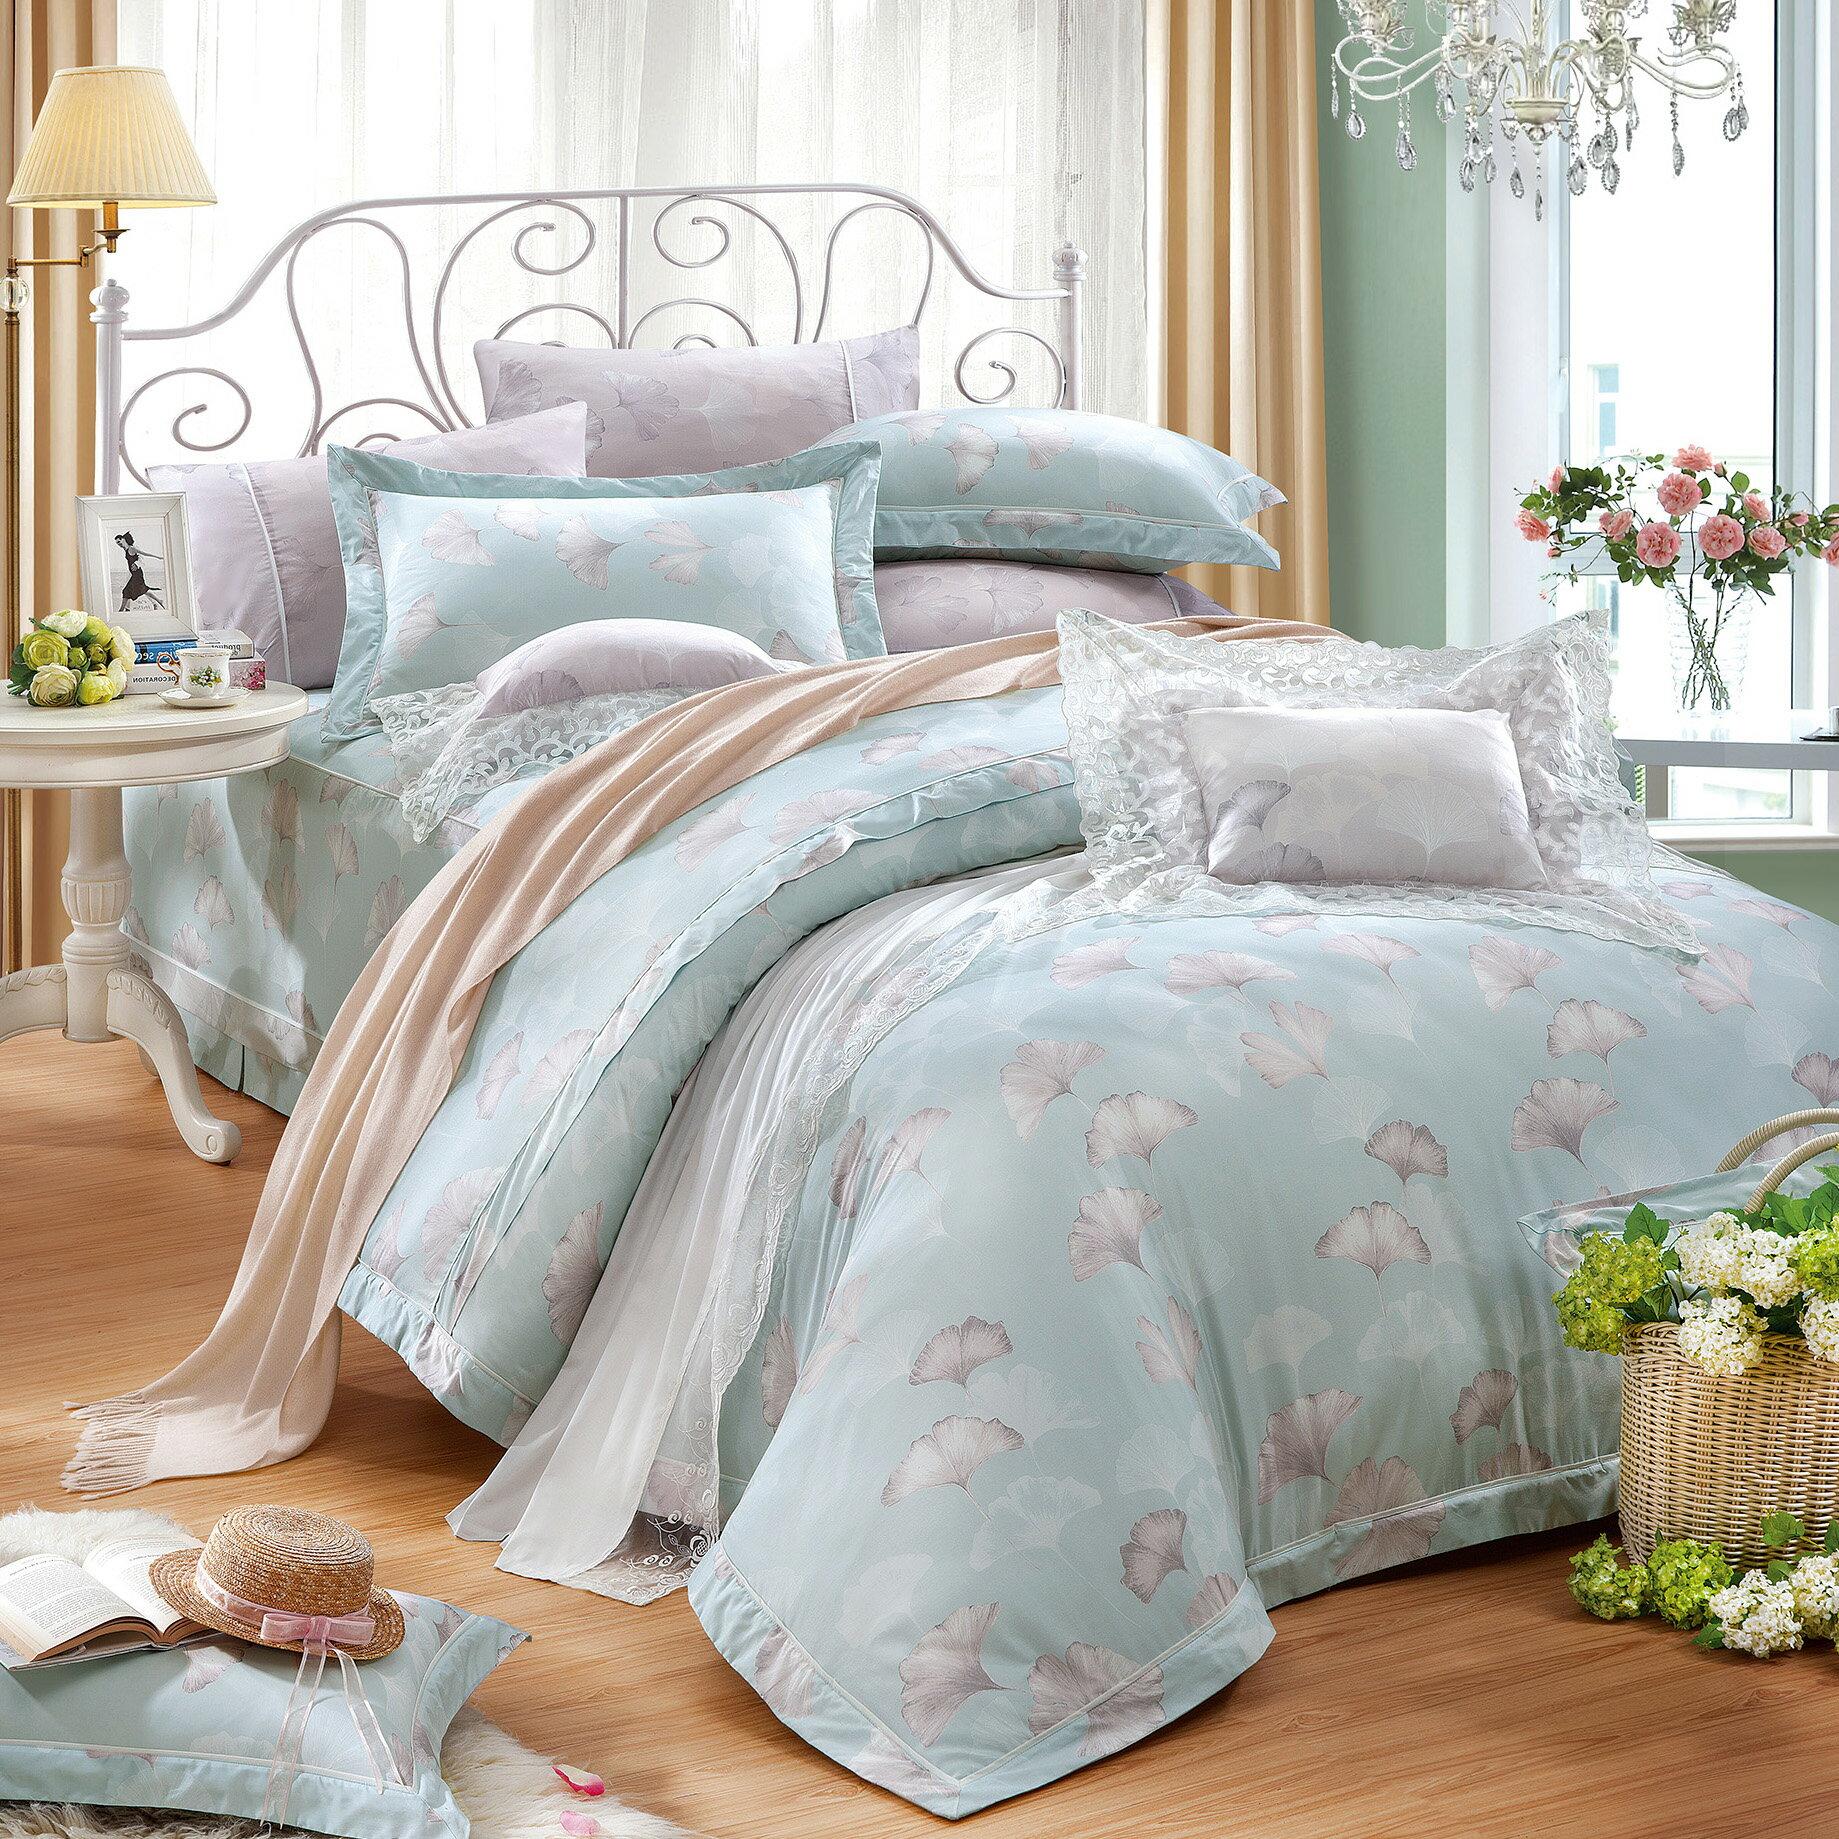 七件式床罩組 雙人/加大/特加大 A1823銀杏並木*60支*精梳美國棉*奧斯汀台灣製造